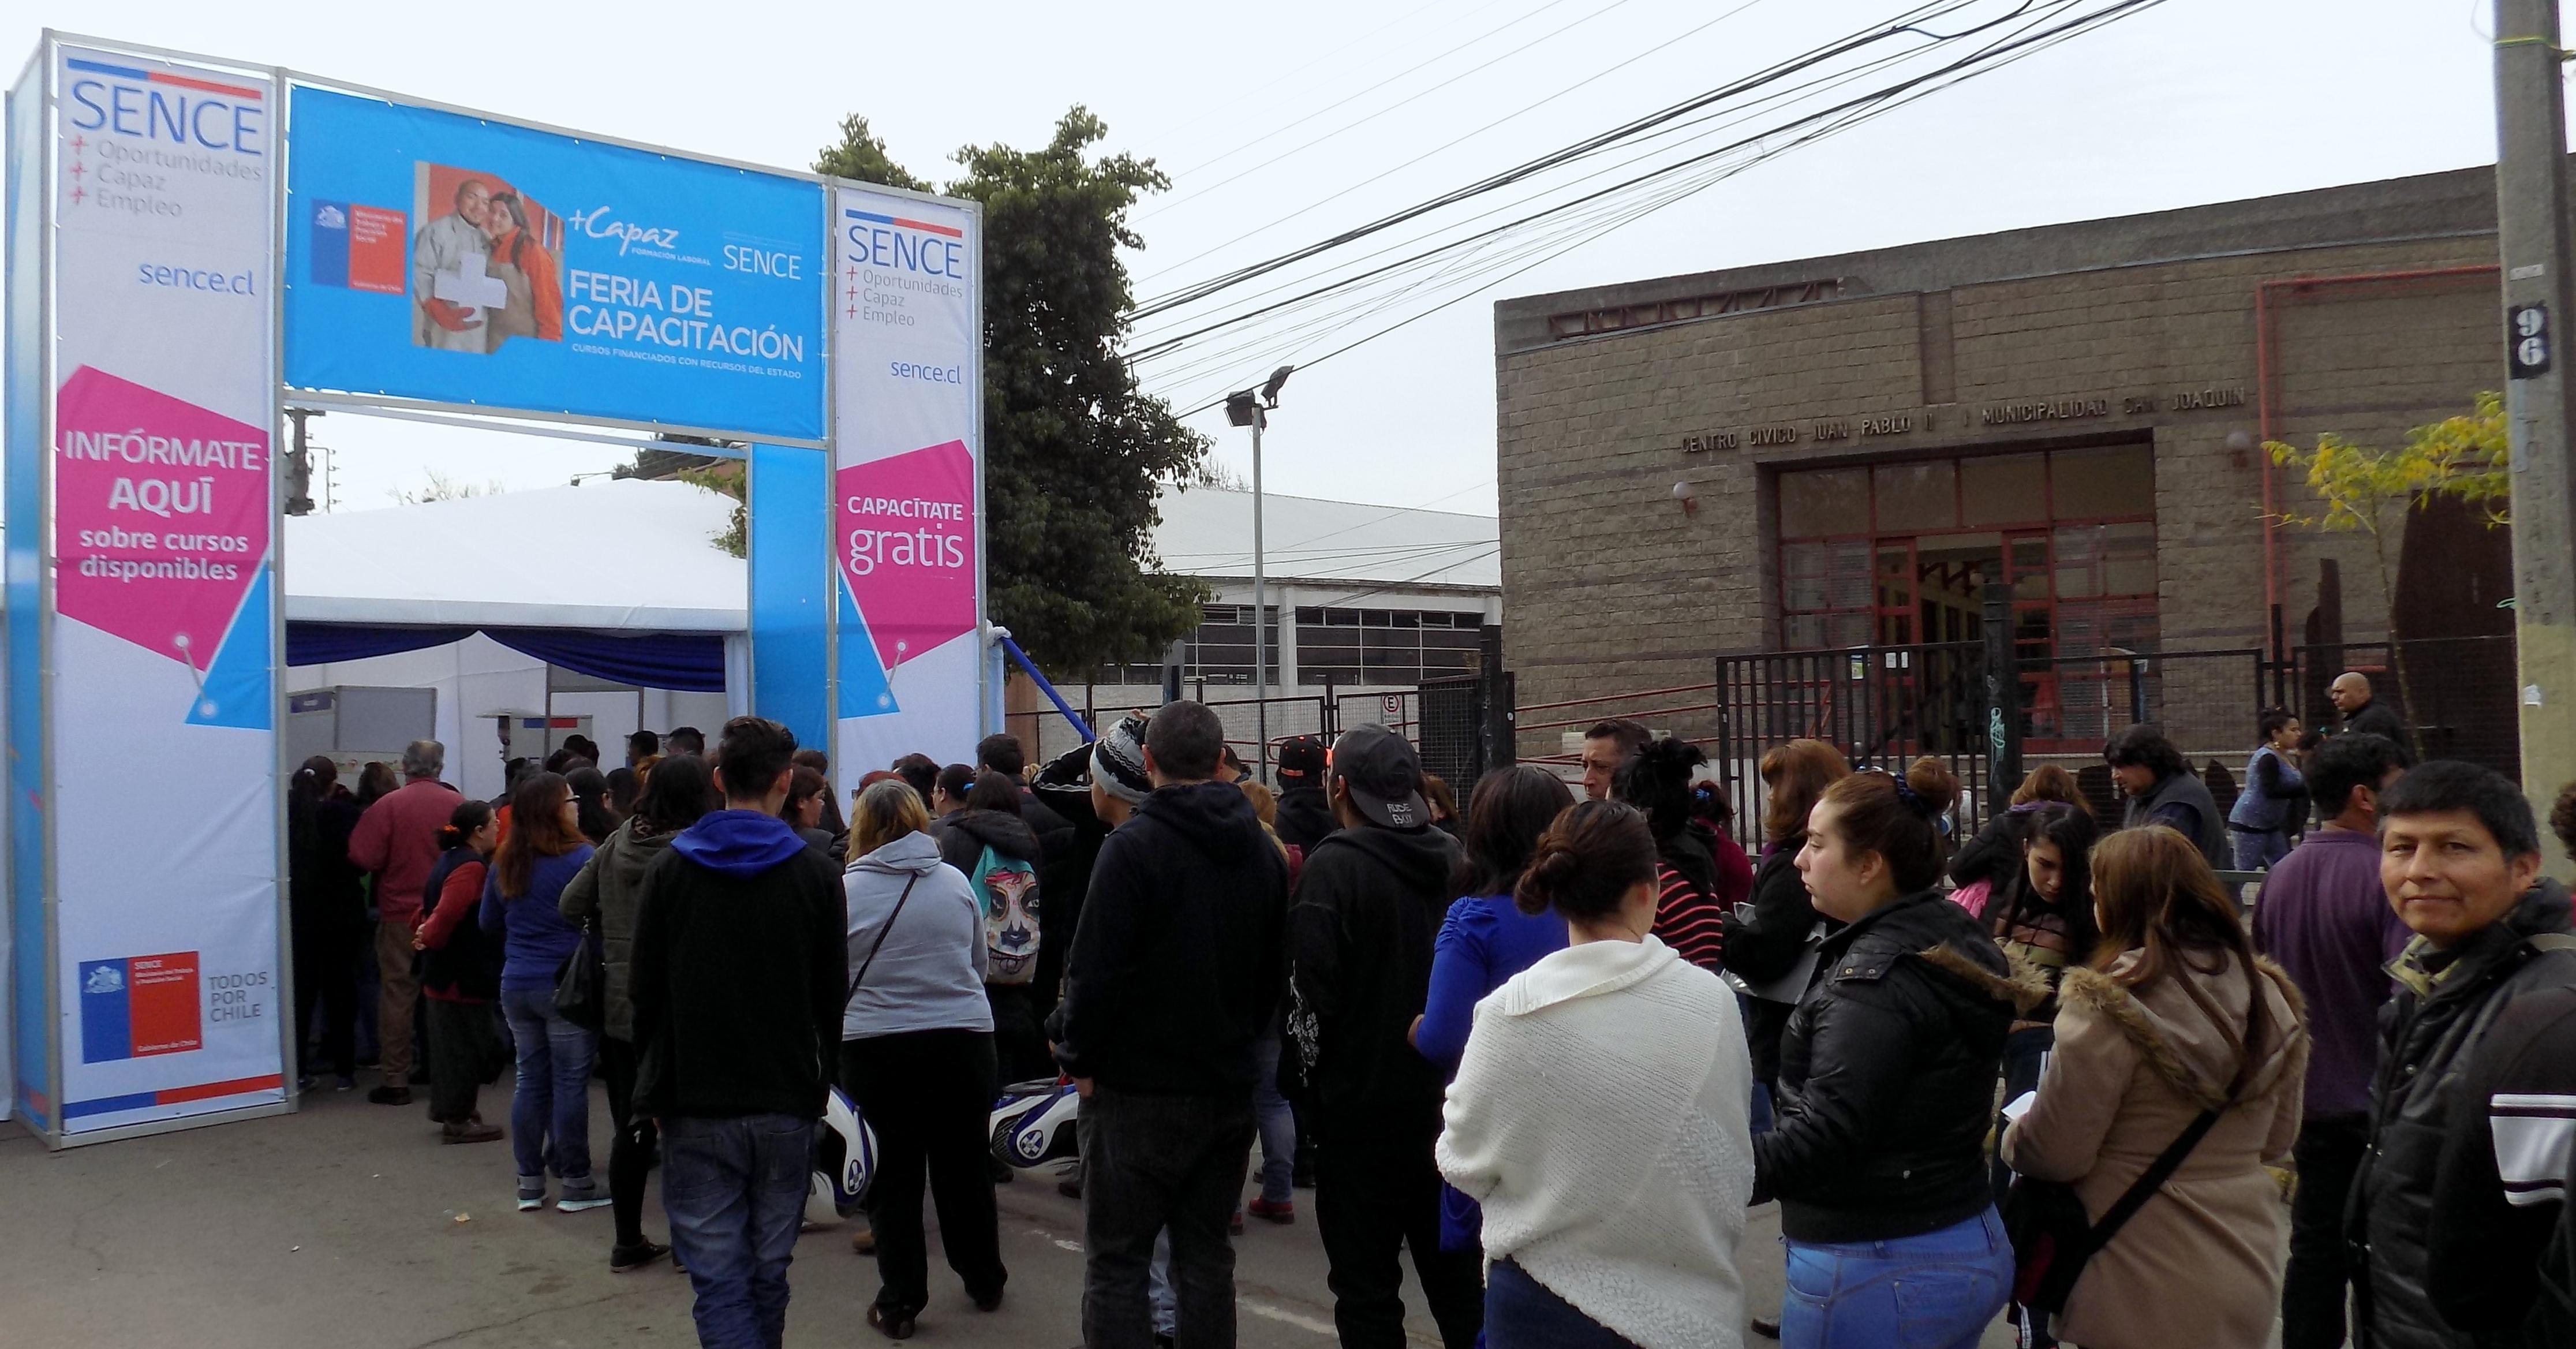 Las Ferias de Capacitación del Sence Metropolitano son totalmente gratuitas.